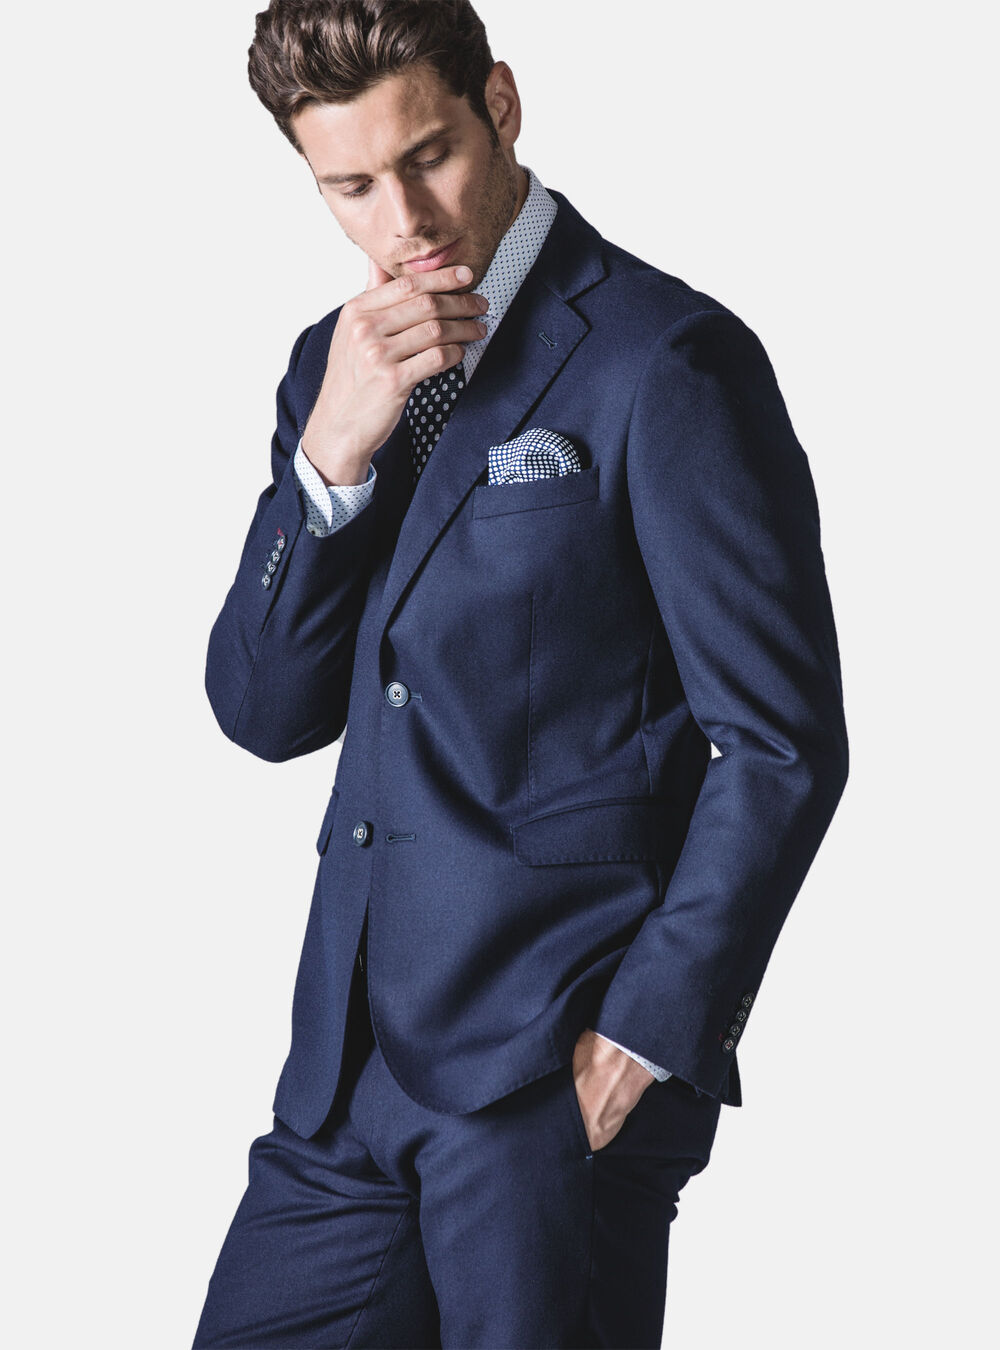 luxusný oblek novy veľkosť 52 - Obrázok č. 1